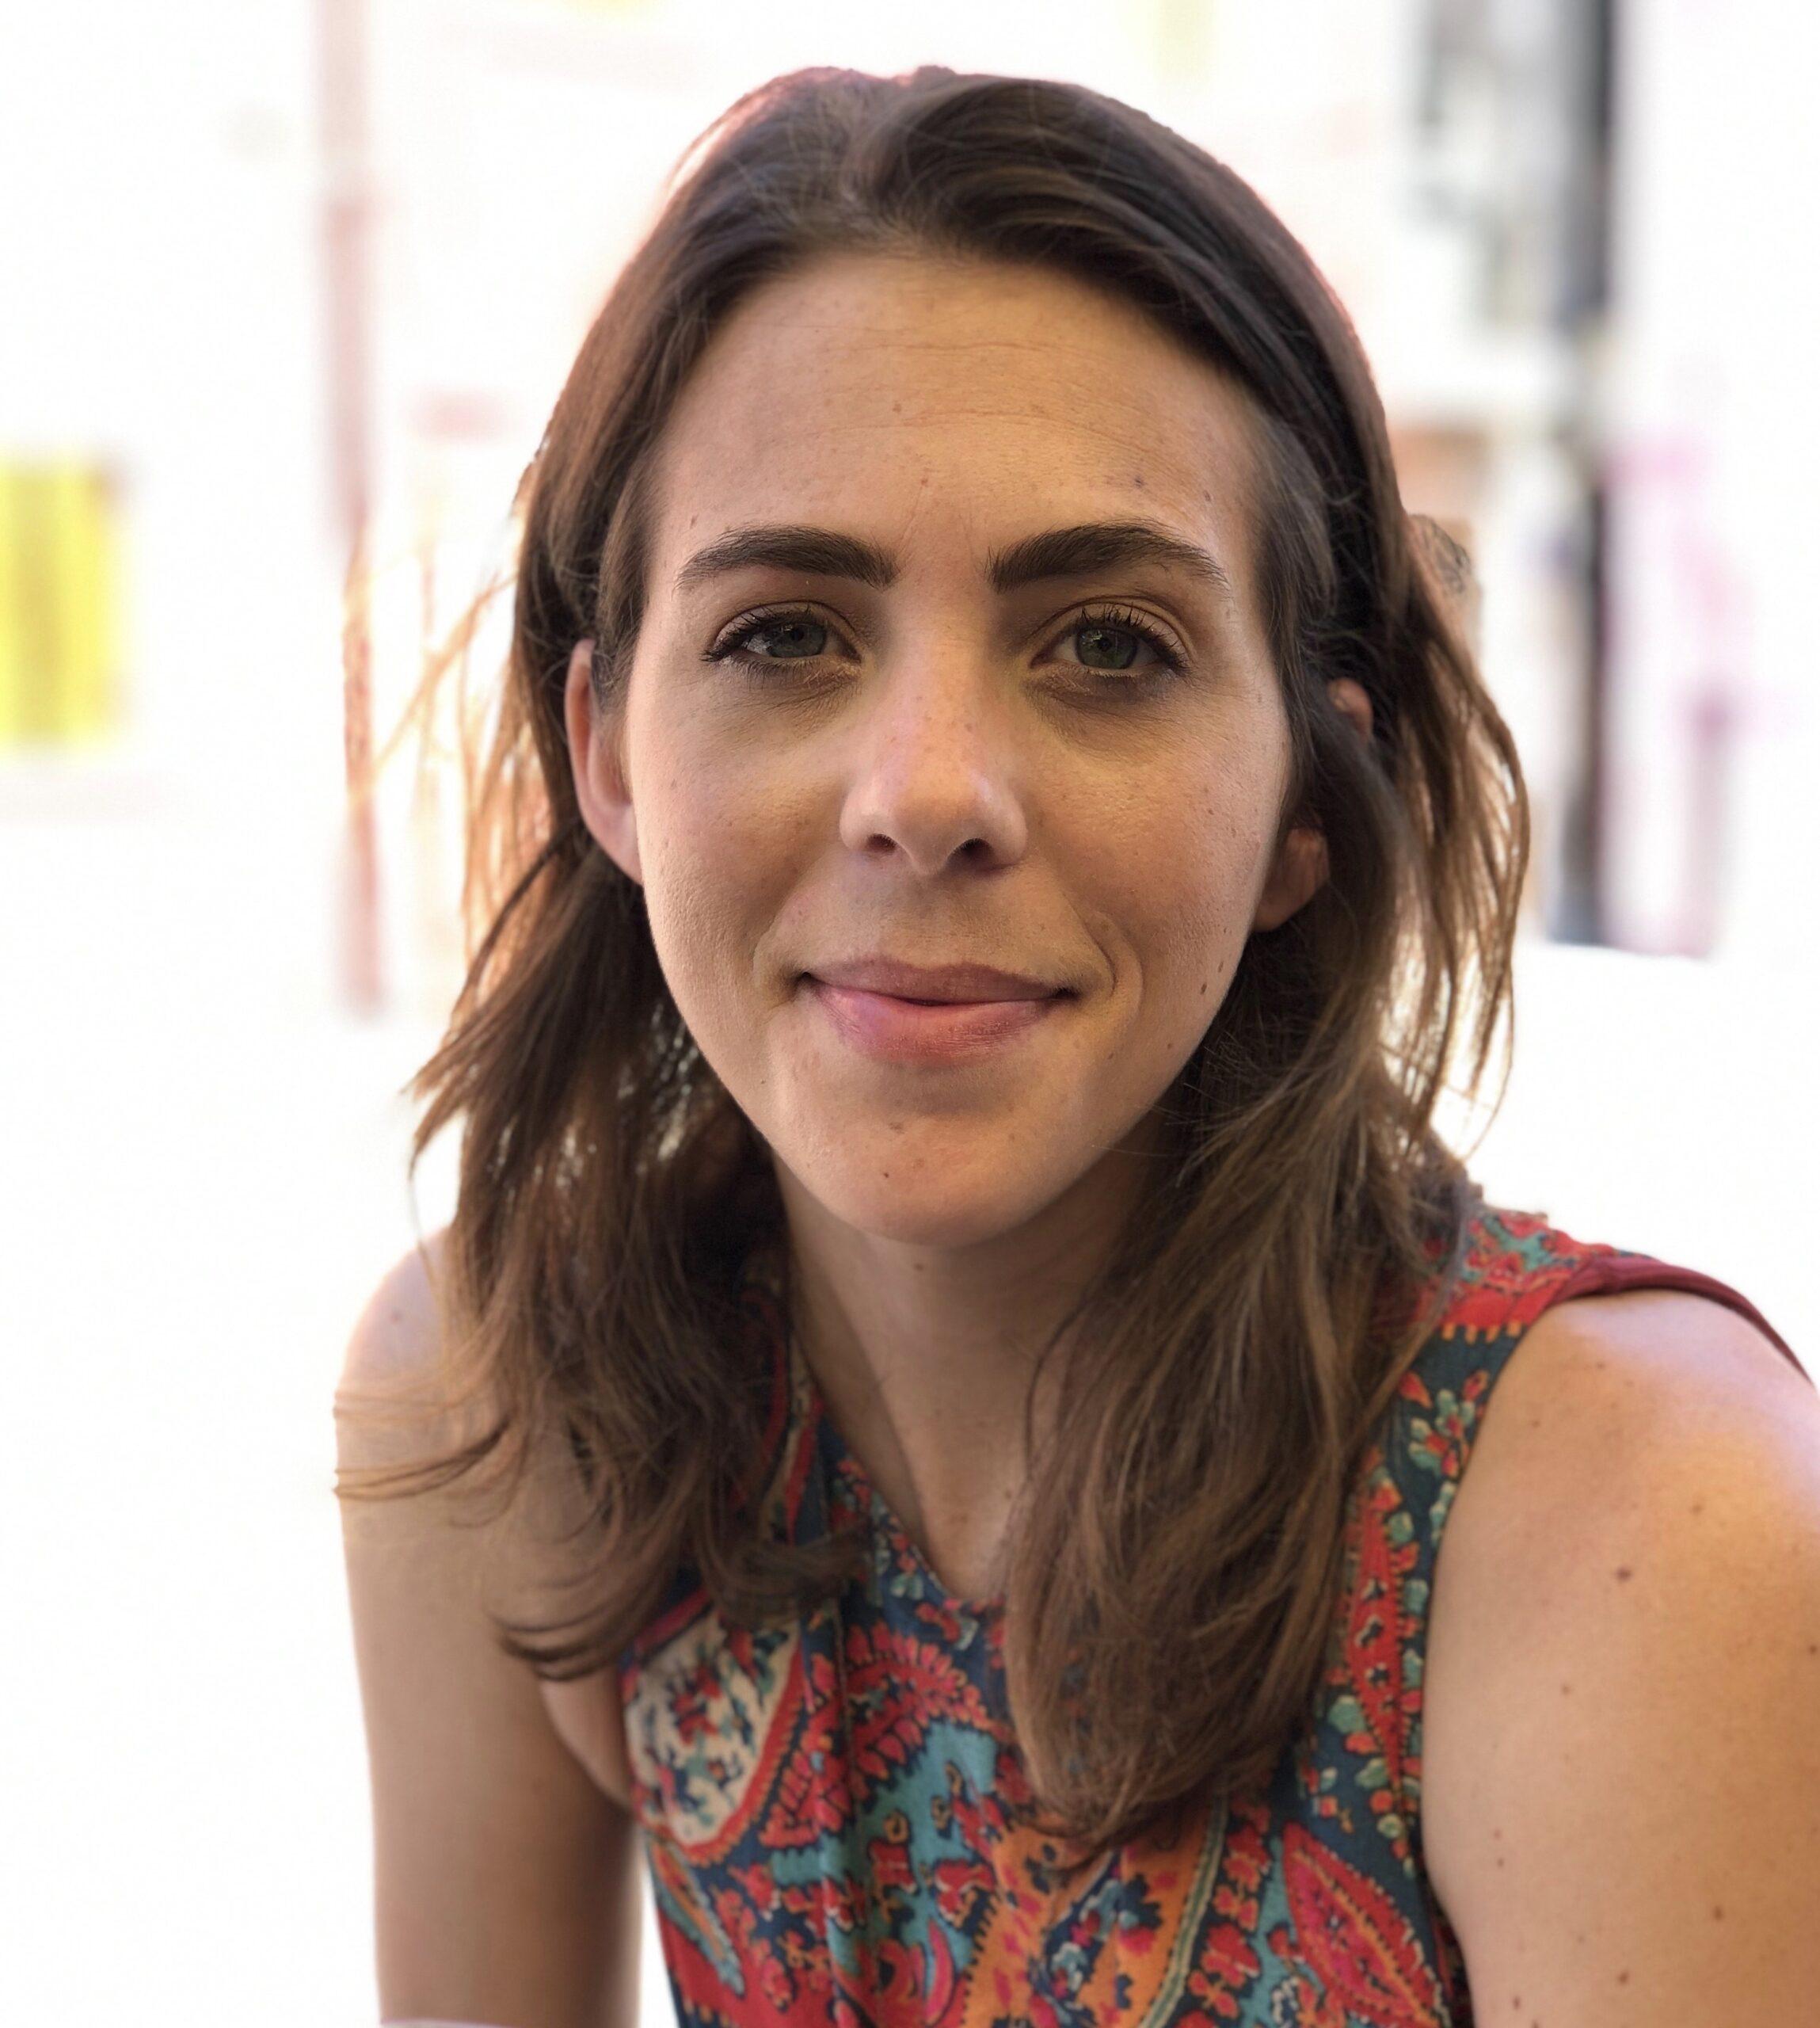 Kaylee Kruzan